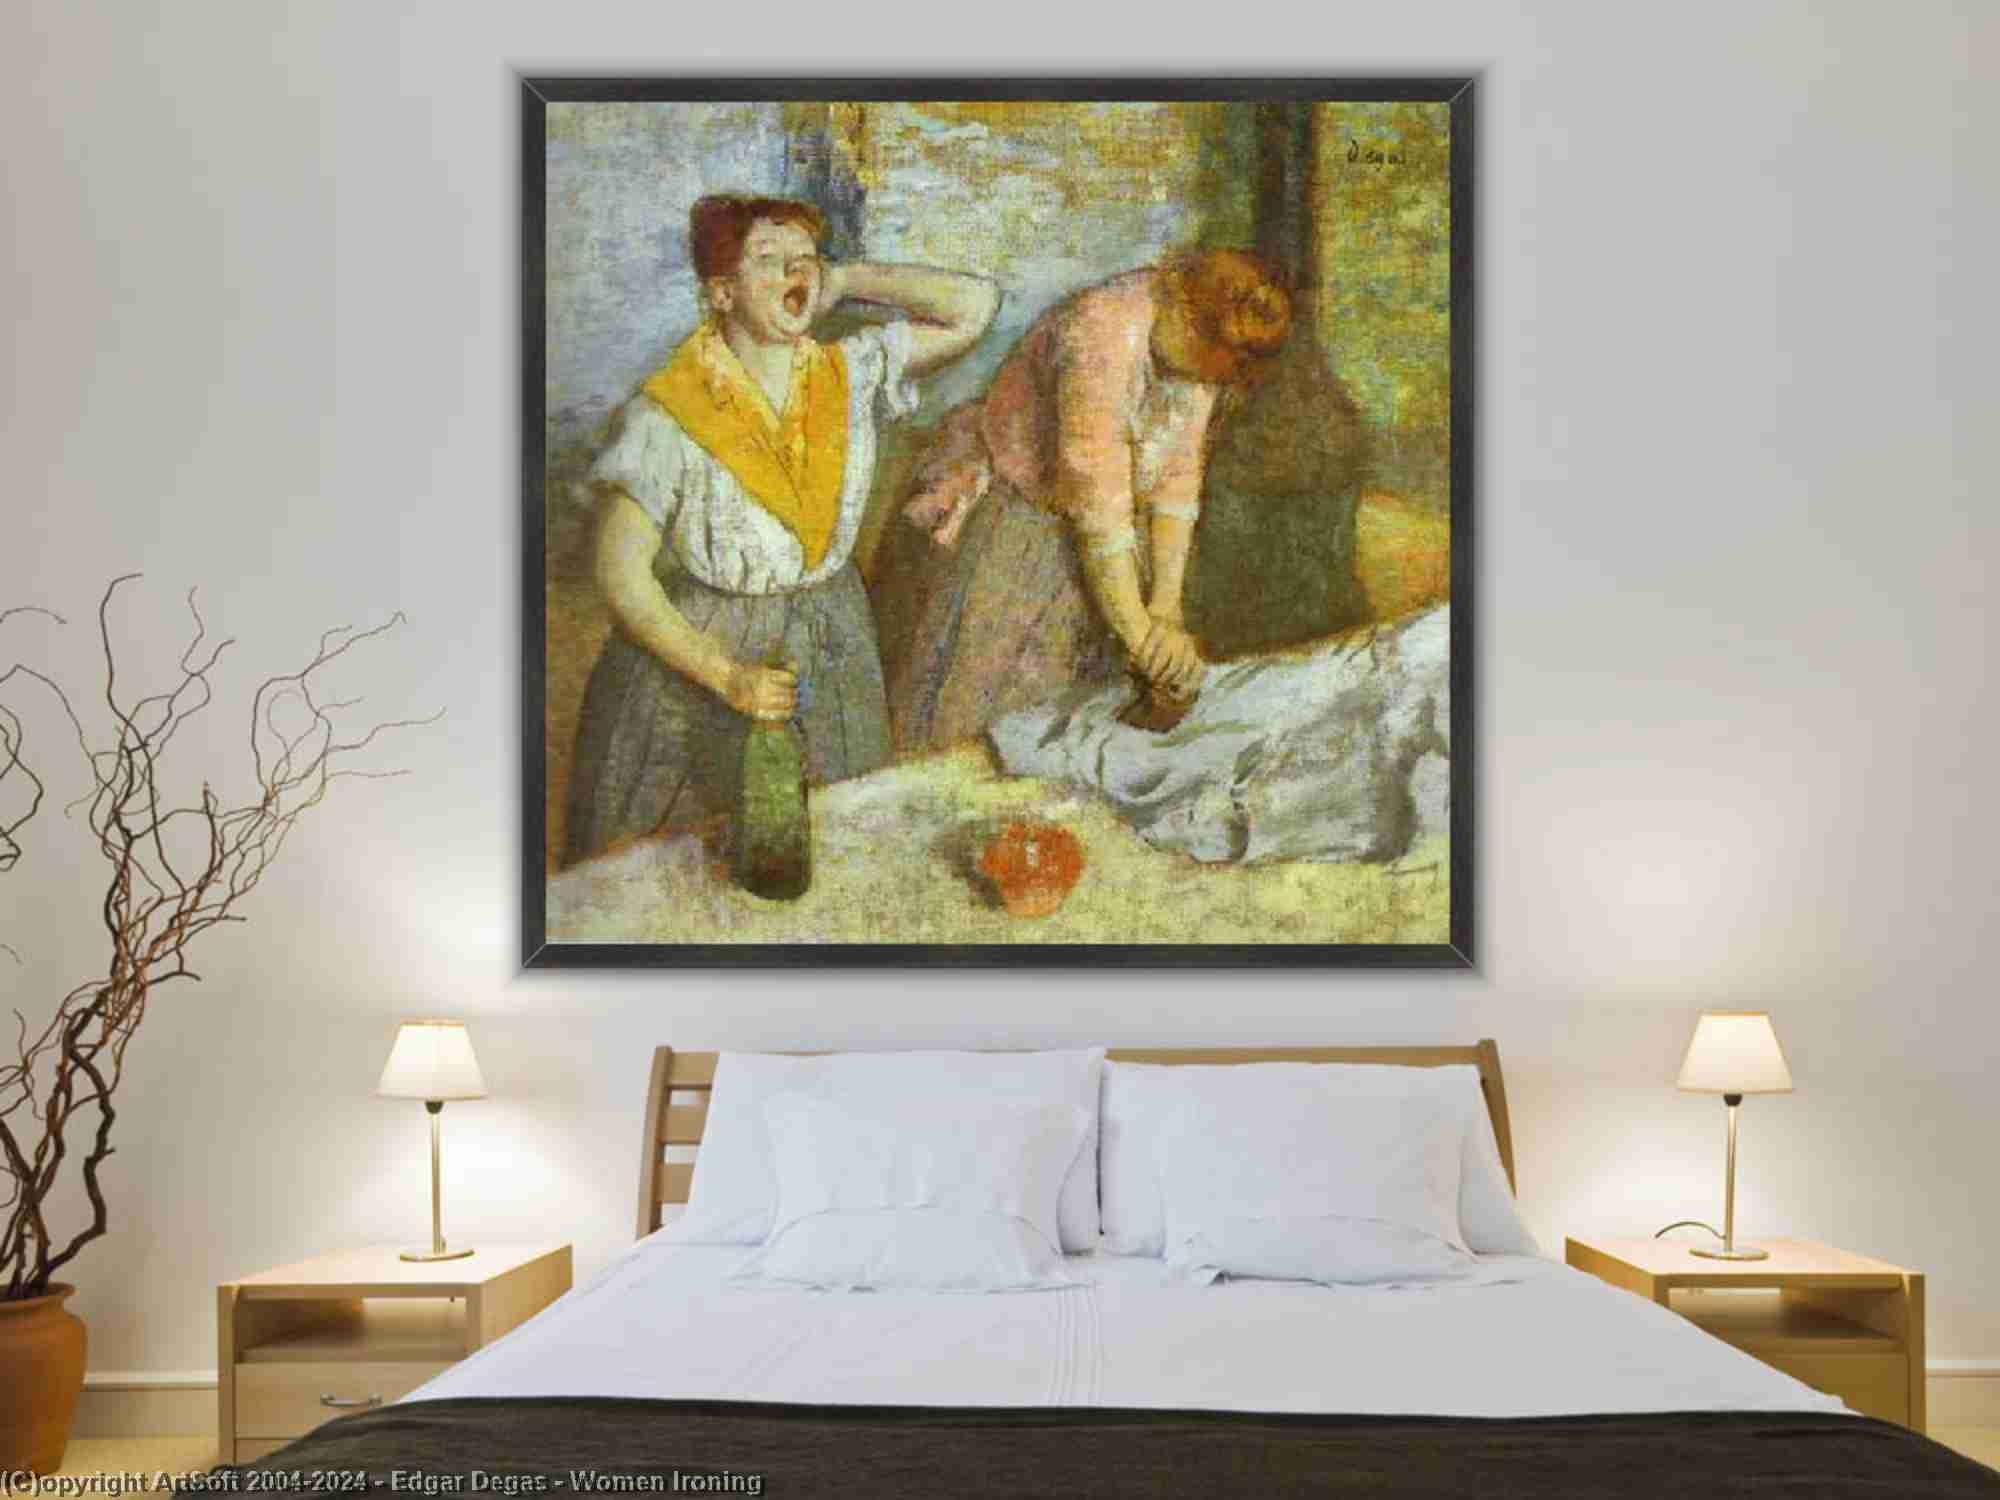 Edgar Degas - 女性たち アイロンがけ